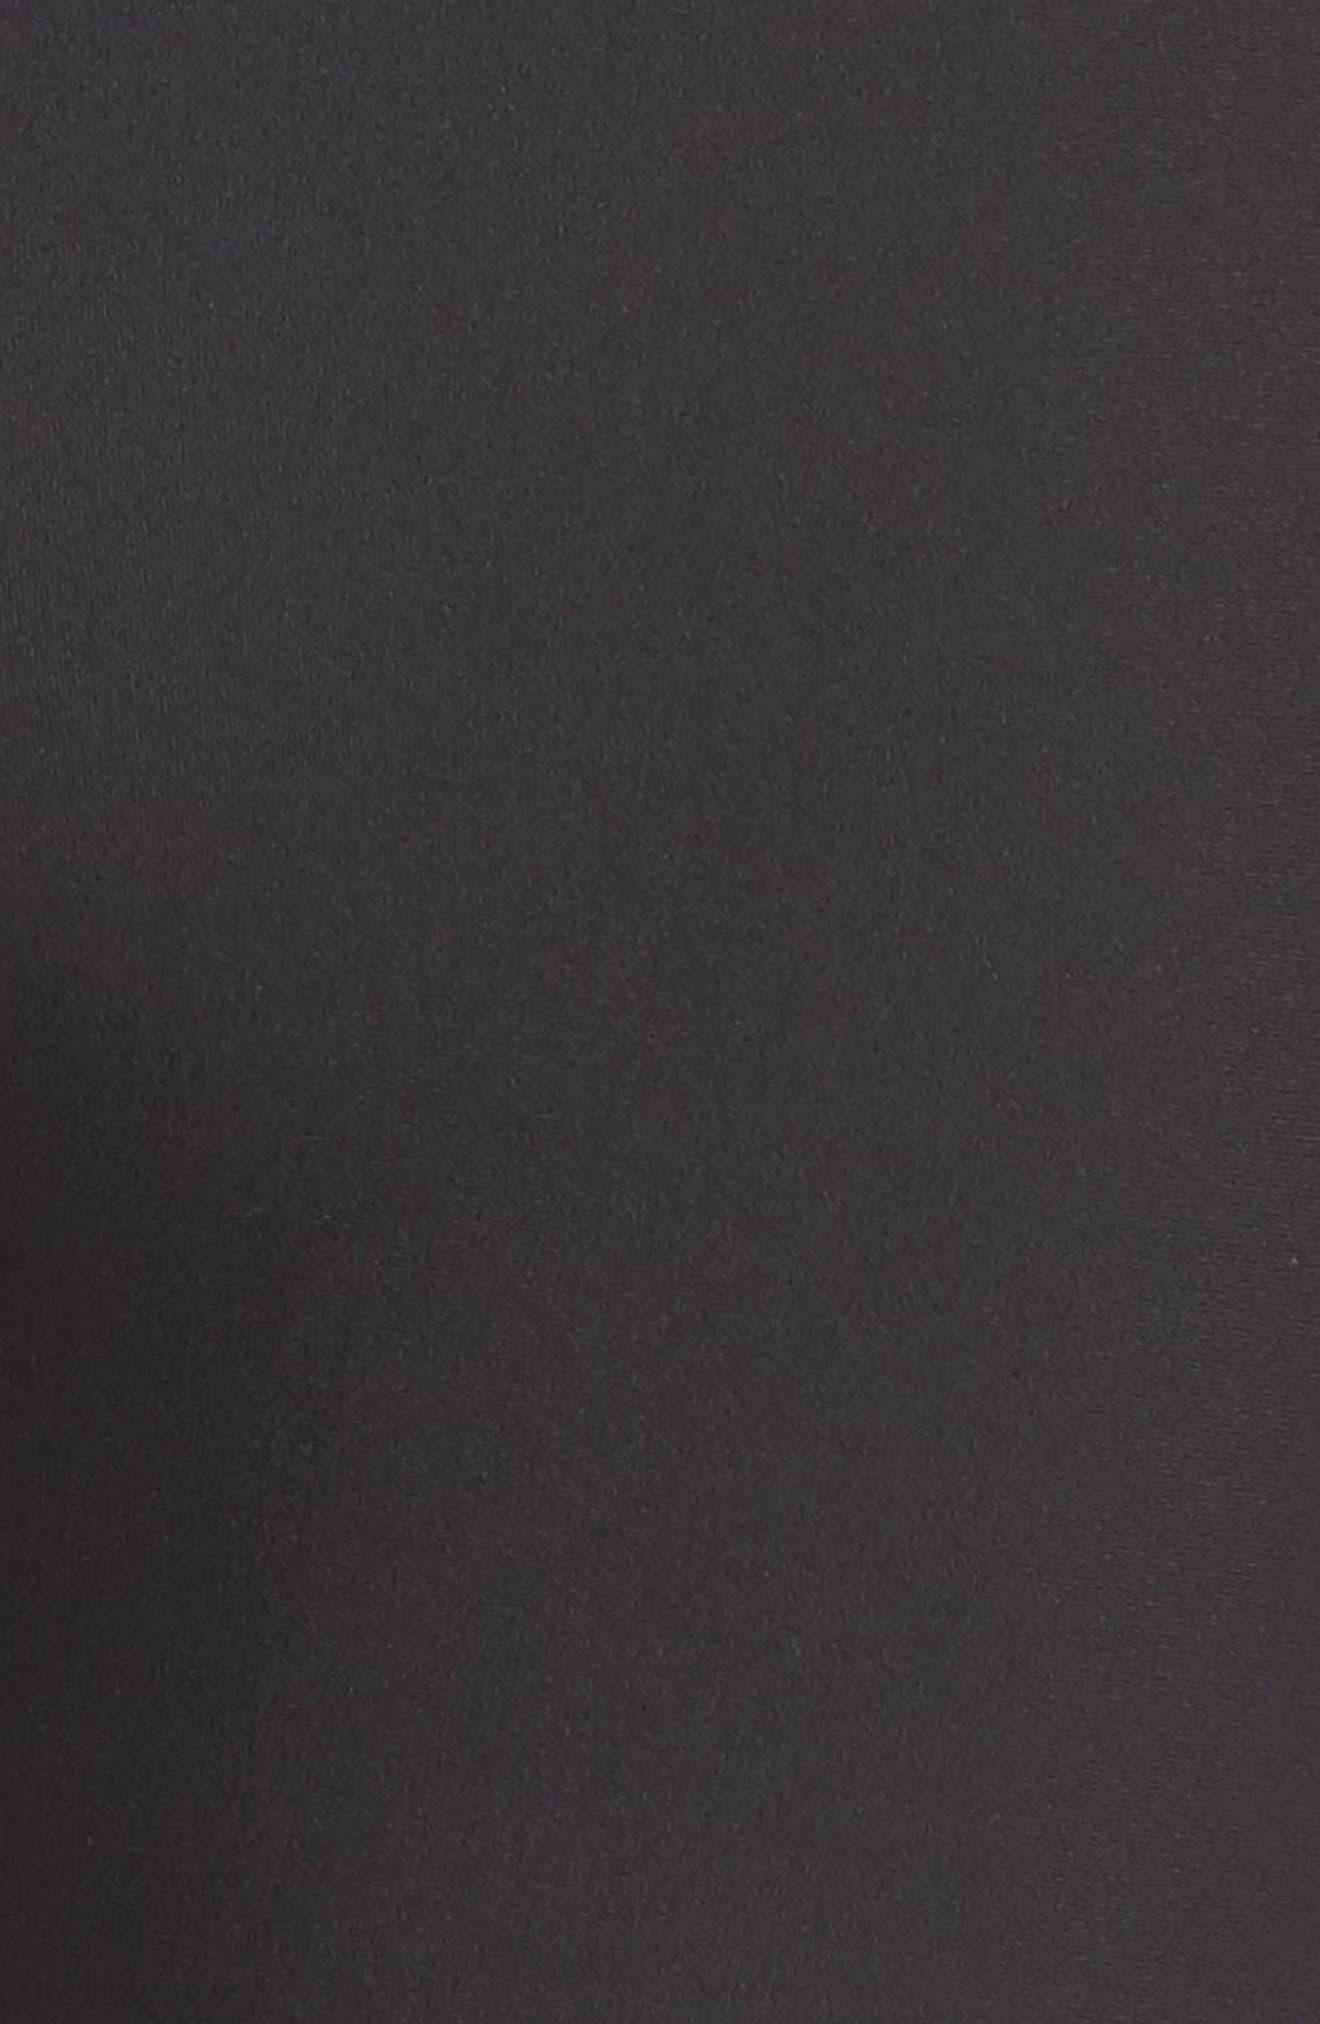 Machina Midi Leggings,                             Alternate thumbnail 6, color,                             Black